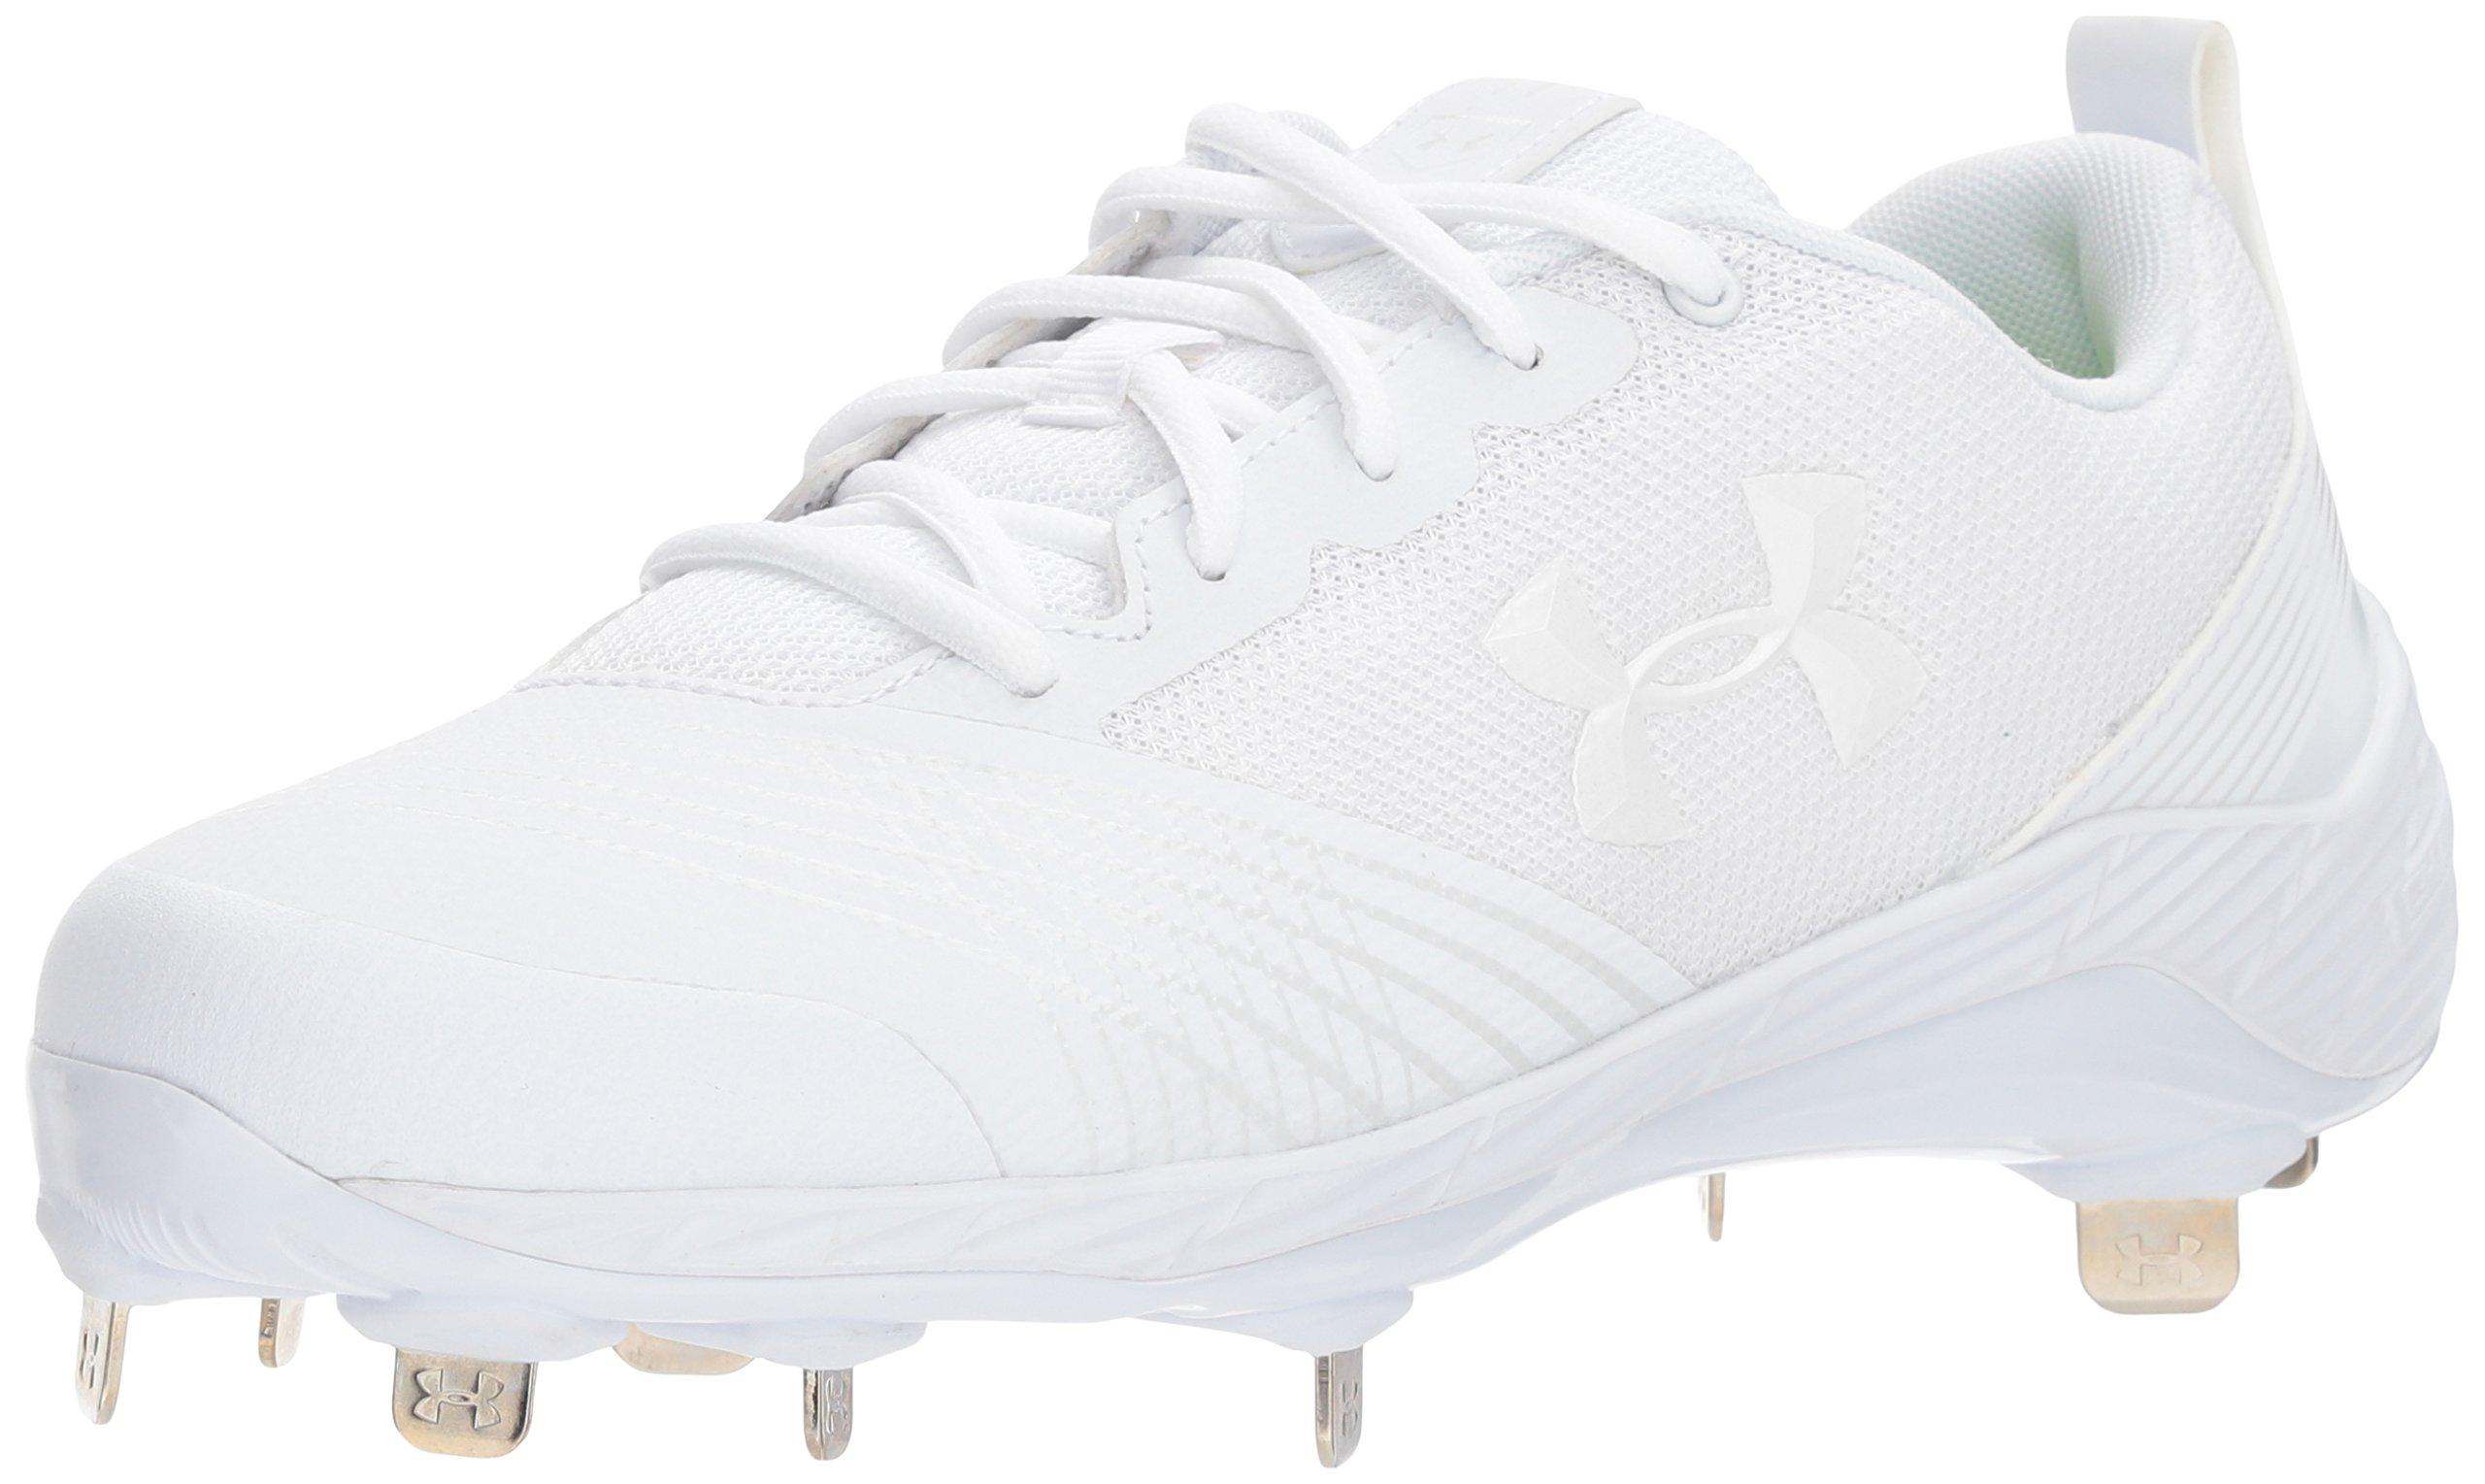 Under Armour Women's Glyde ST Softball Shoe, White (100)/White, 9